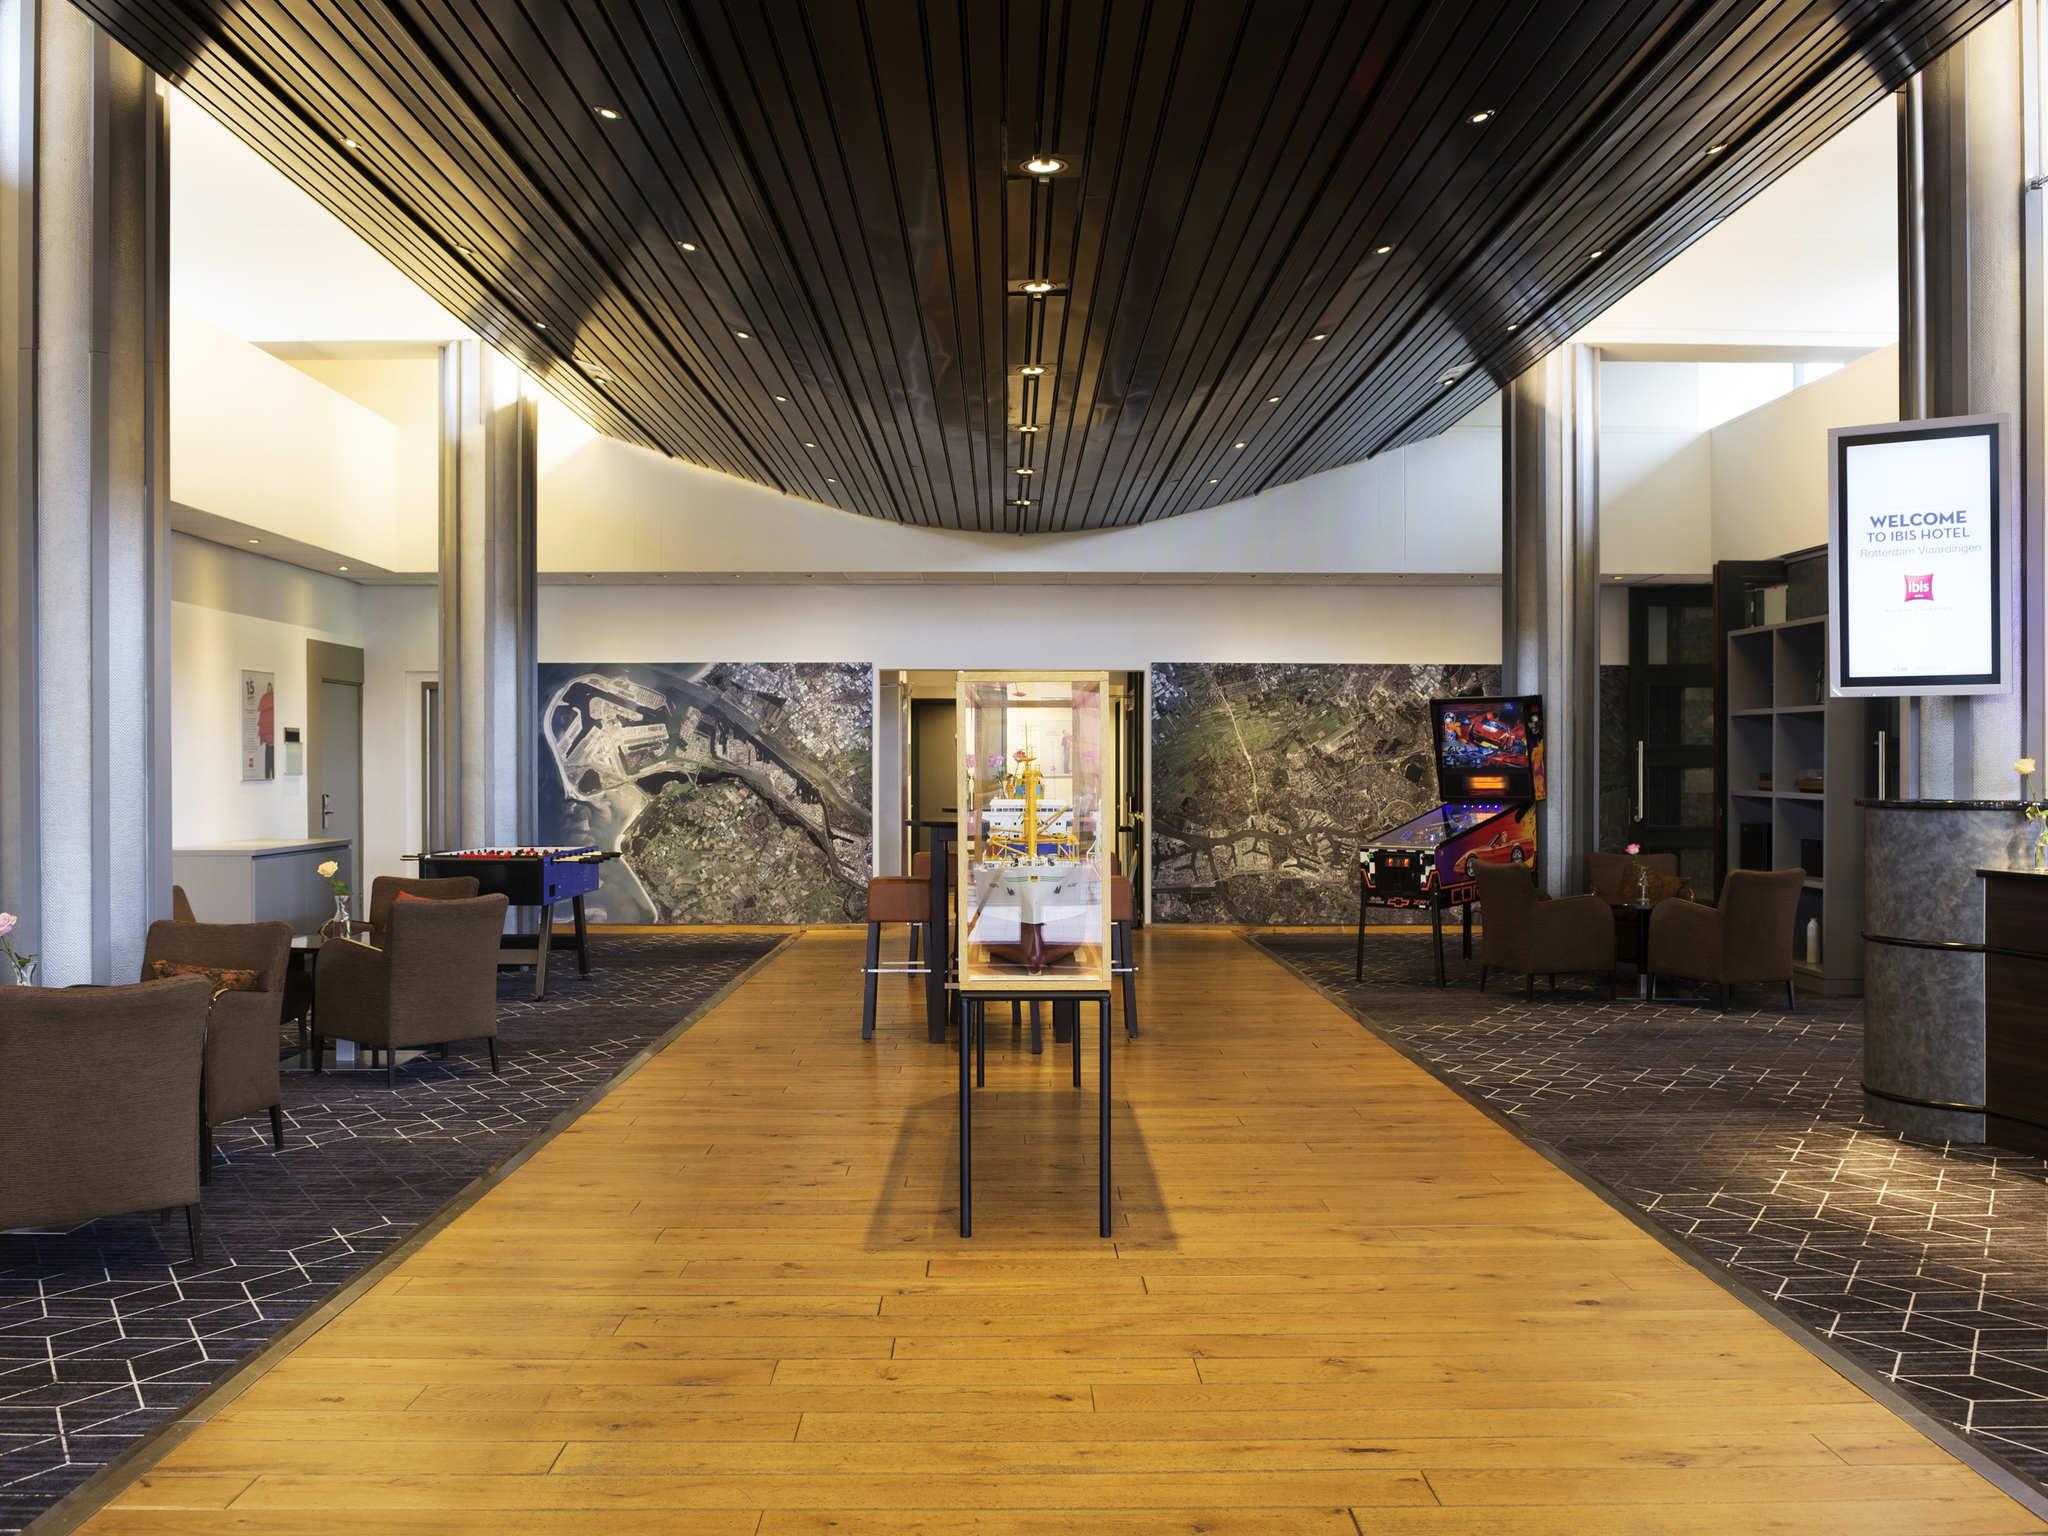 Hotel in vlaardingen ibis rotterdam vlaardingen